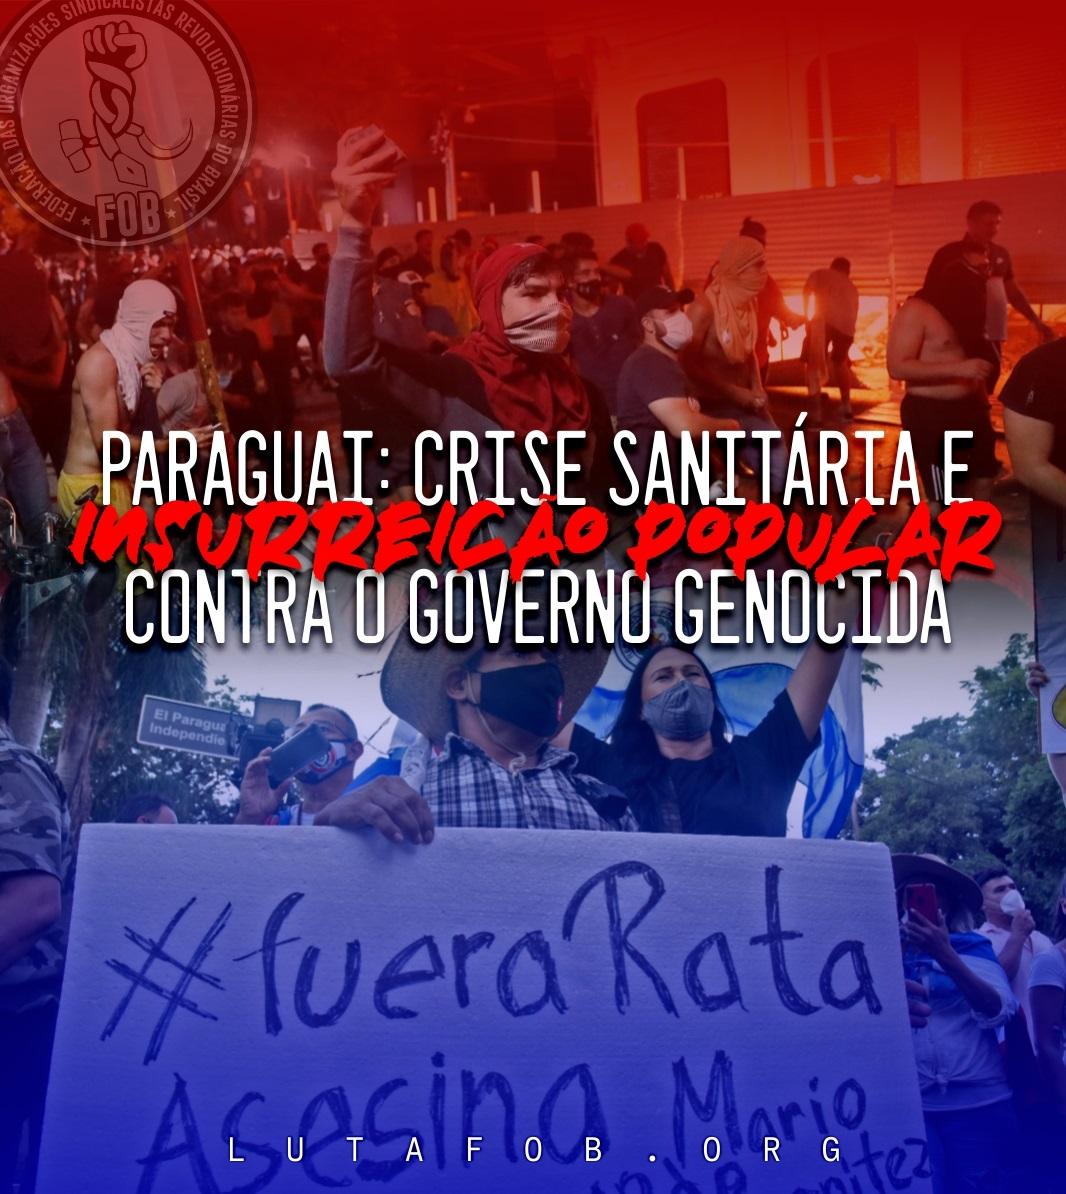 Paraguai: crise sanitária e insurreição popular contra o governo genocida